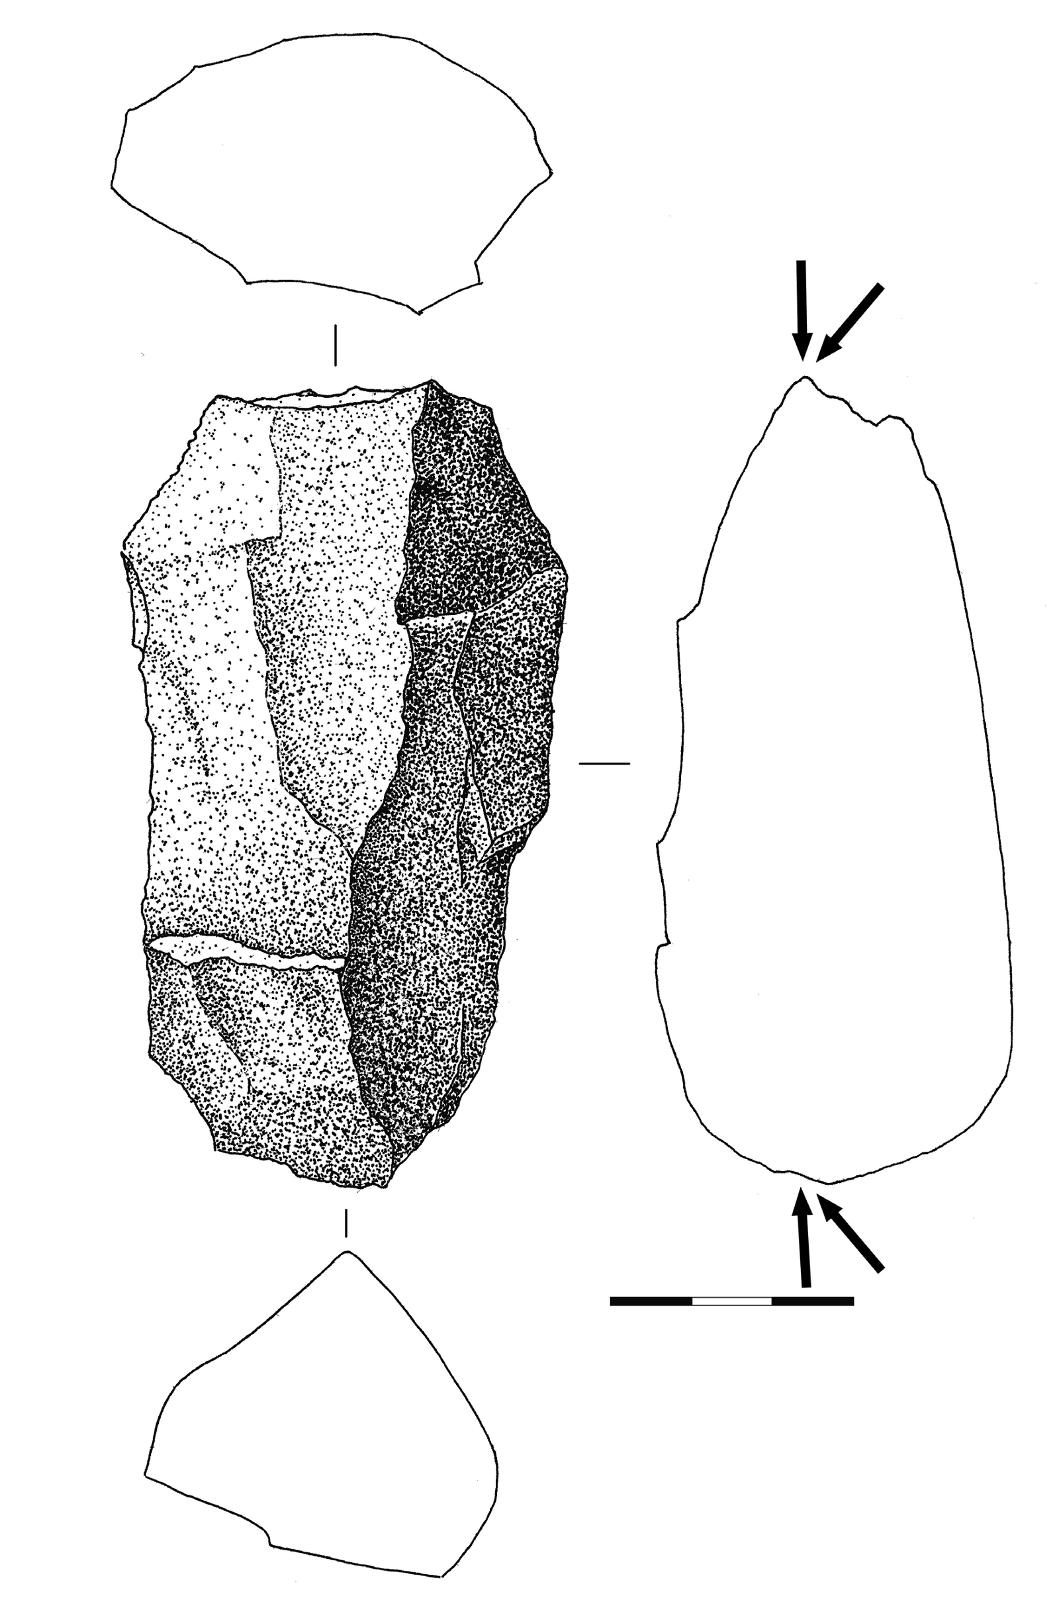 19 pav. Skaldytinis, Pasieniai 1, nr. 219, kvarcitas (Gabrielės Gudaitienės piešinys) / Fig. 19. Quartzite core no. 219 from Pasieniai 1 site